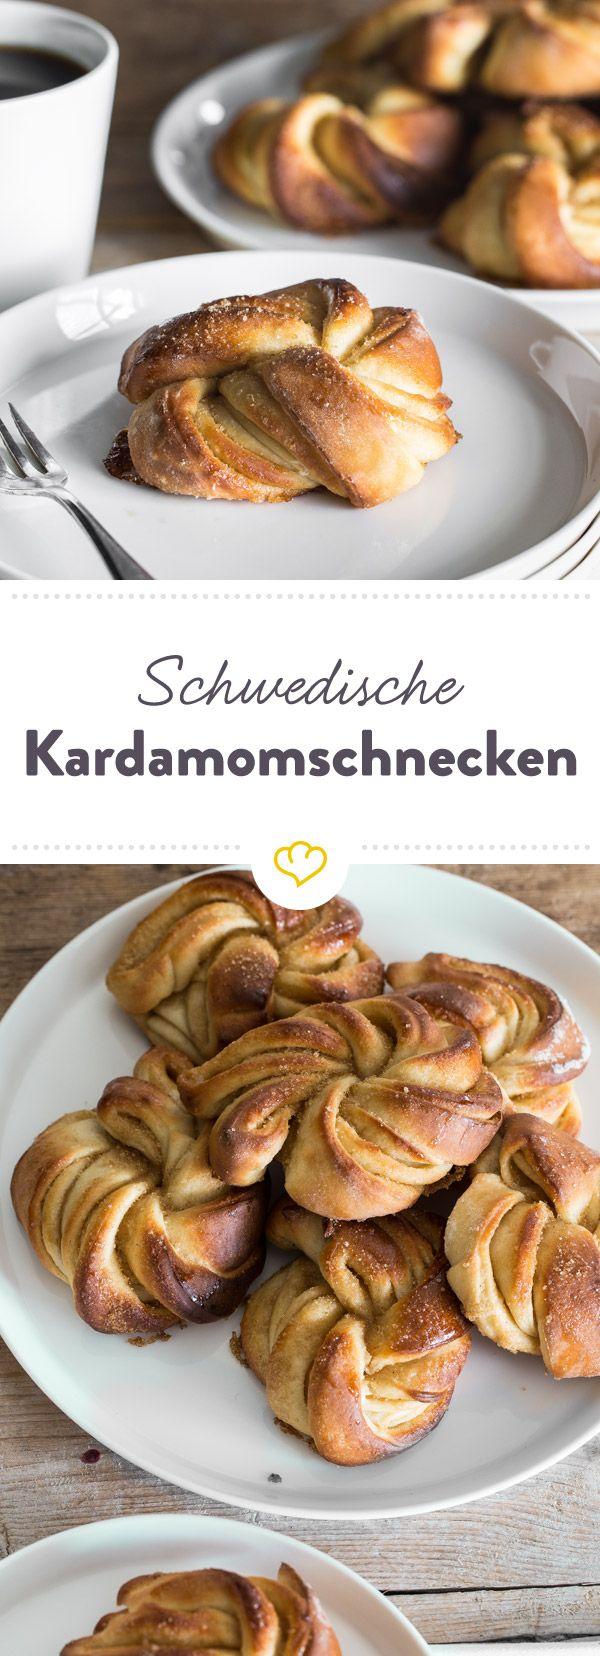 Aus der Küche duftet es bereits nach frisch Gebackenem. Wie gut, dass sich die leckeren Kardamomschnecken aus Schweden so einfach vorbereiten lassen.